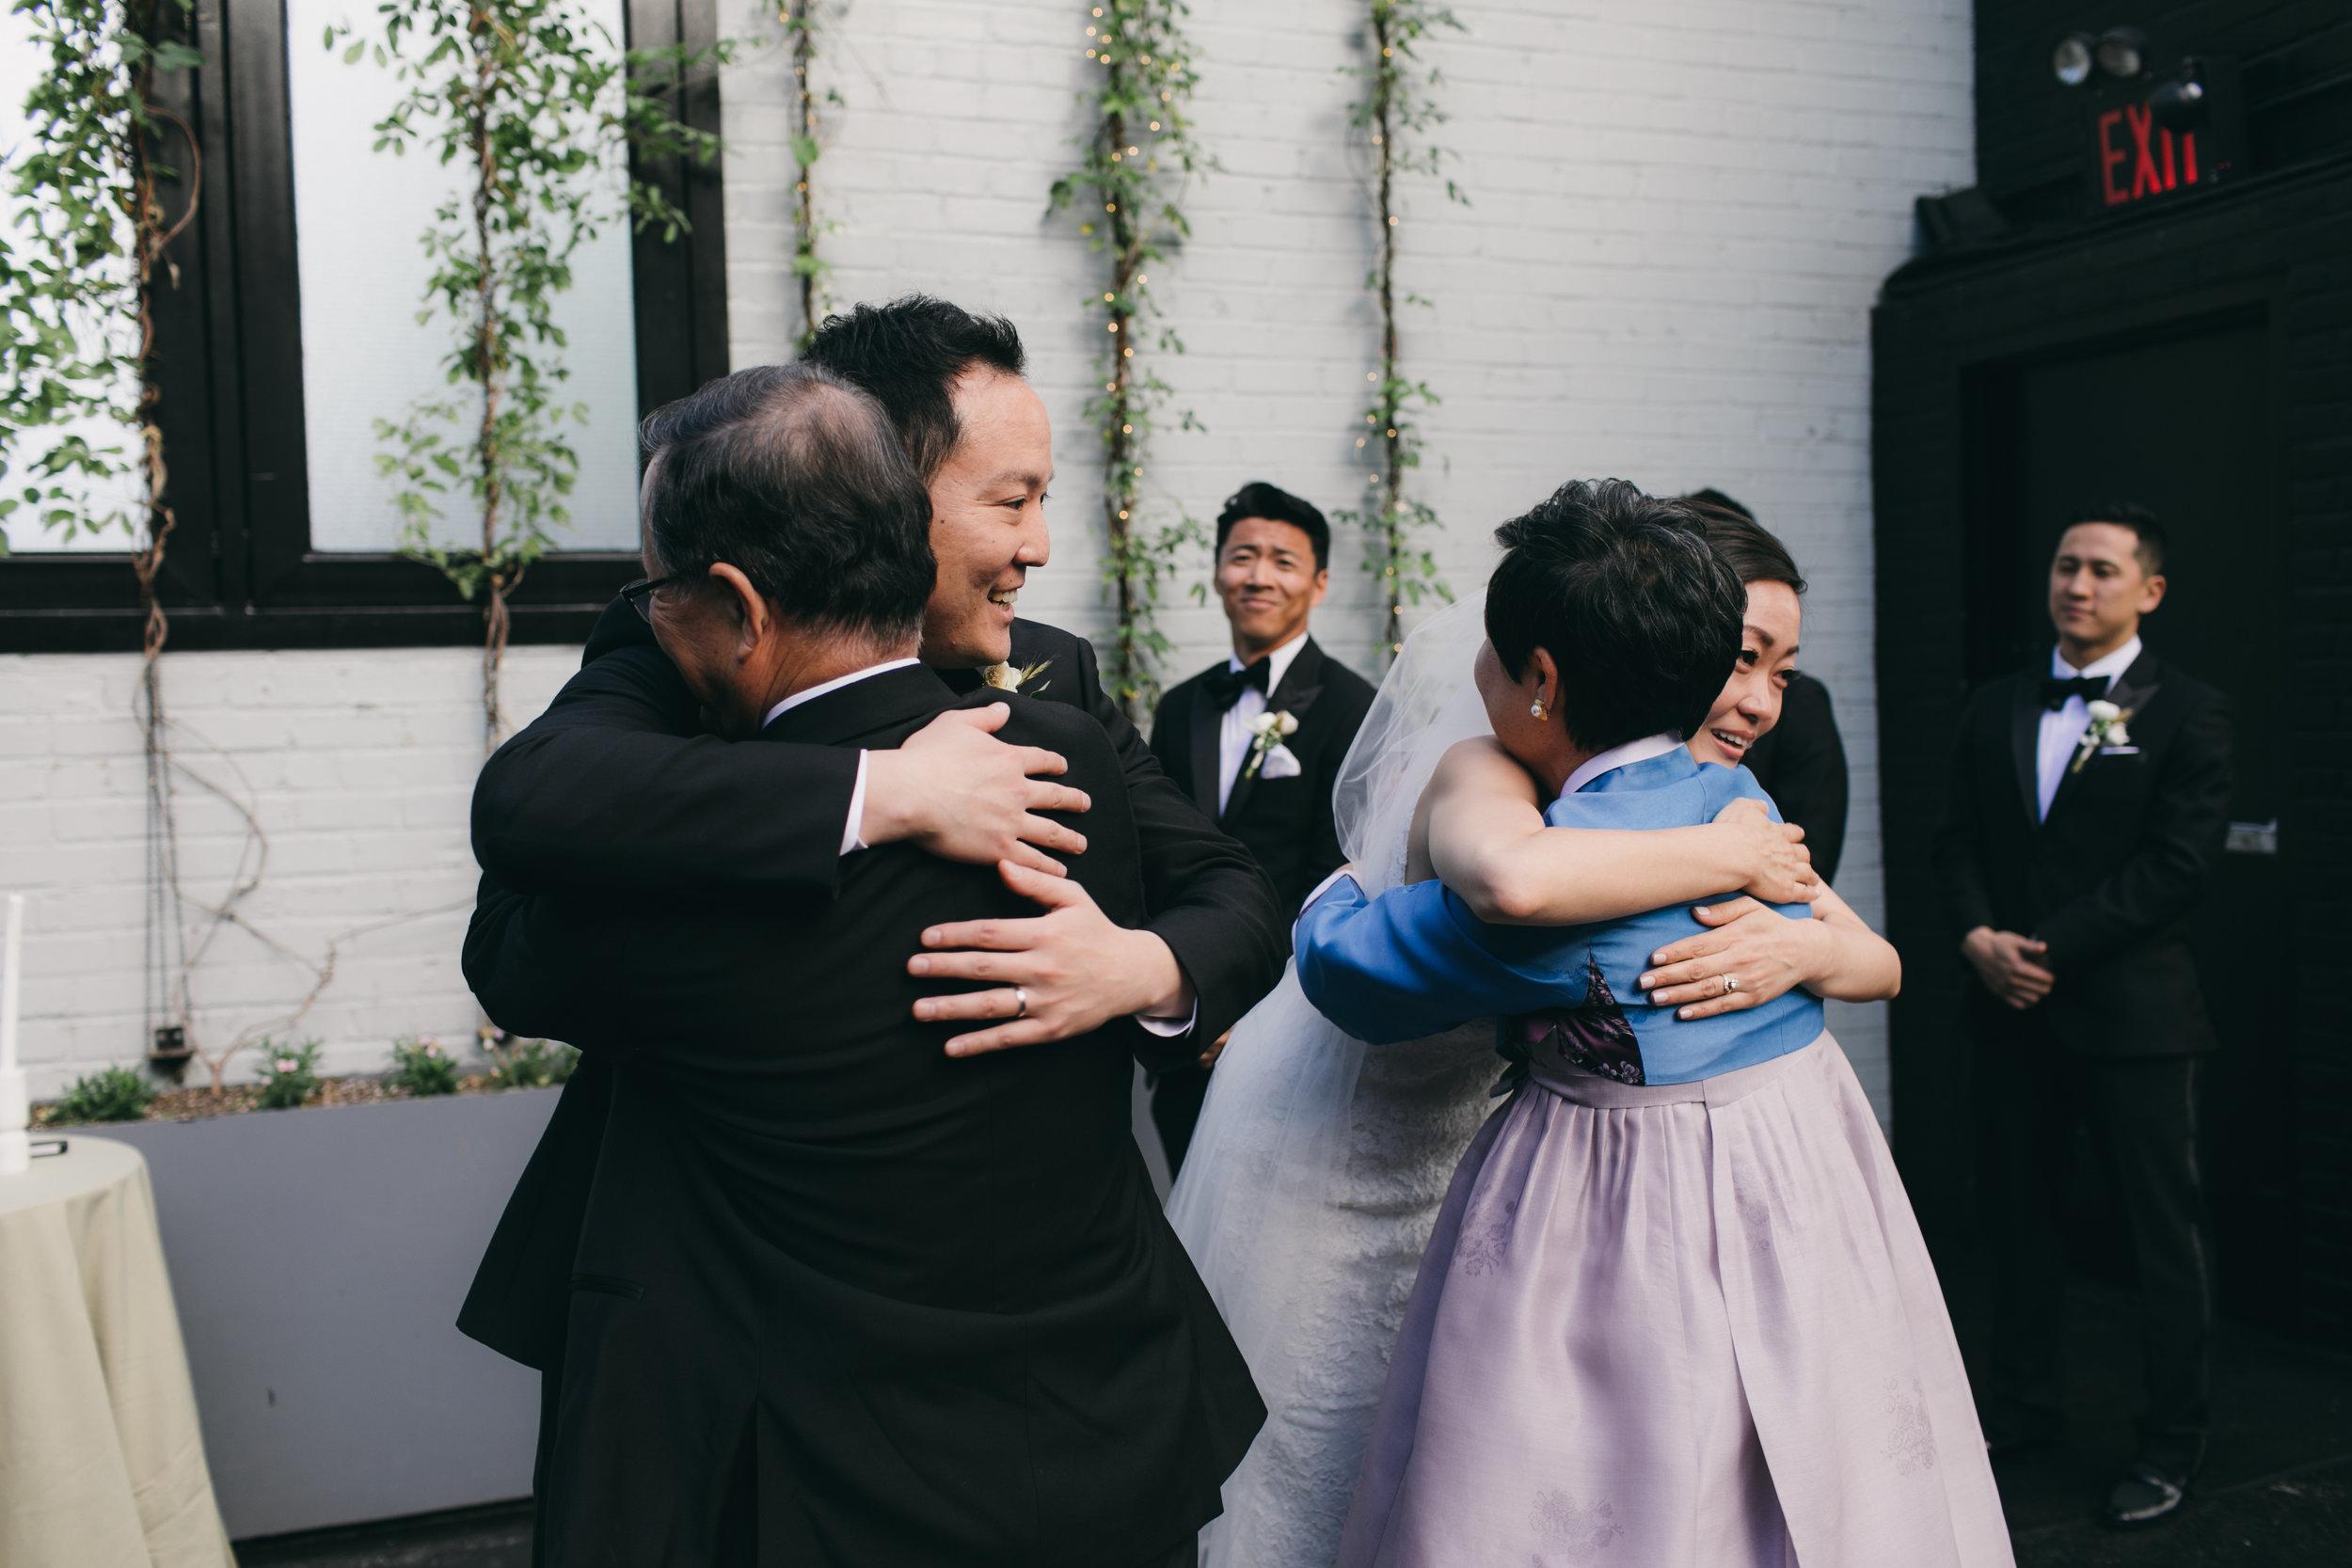 Quyn Duong 501 Union Brooklyn Wedding 0067.JPG